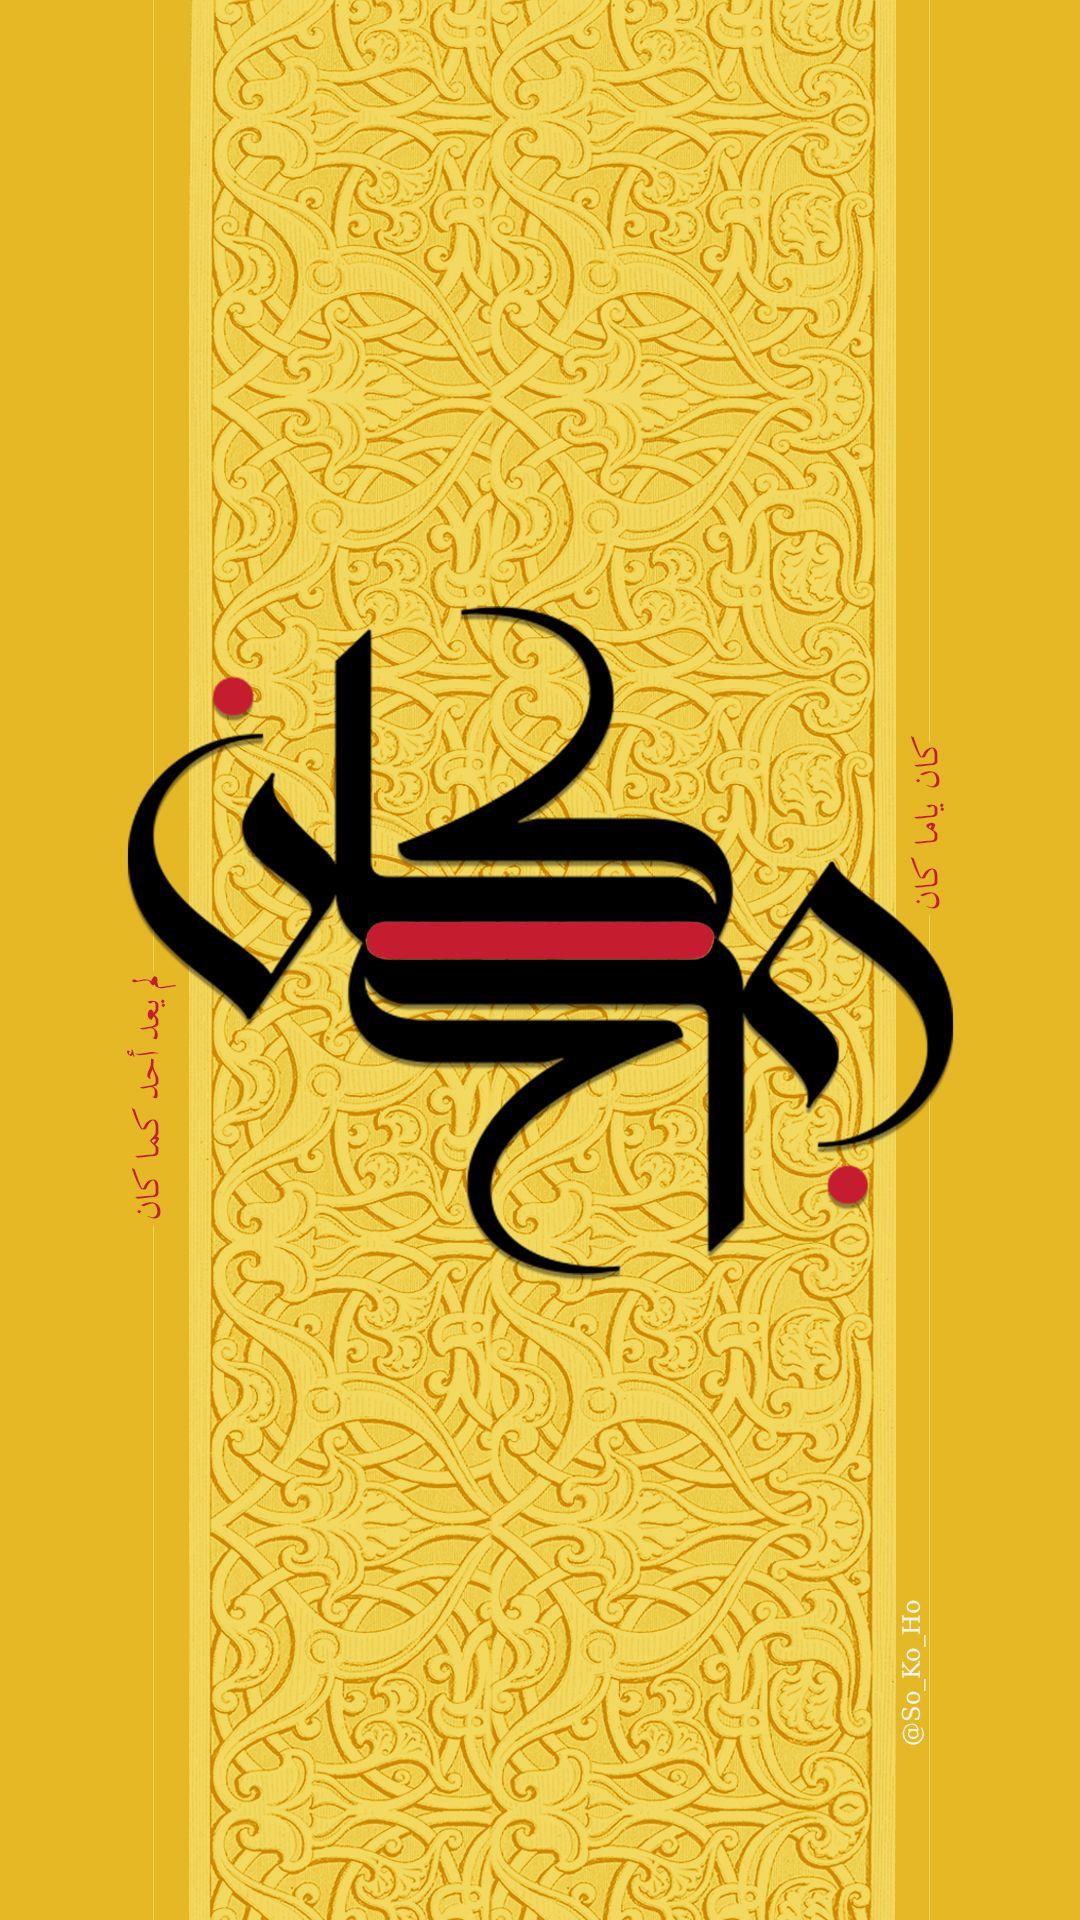 كان ياماكان لم يعد أحد كما كان النص مقتبس خطوط خط عربي تصميمي تصميم اقتباسات مقتبسات مقطع من كتاب مقتطقات م Calligraphy Art Arabic Calligraphy